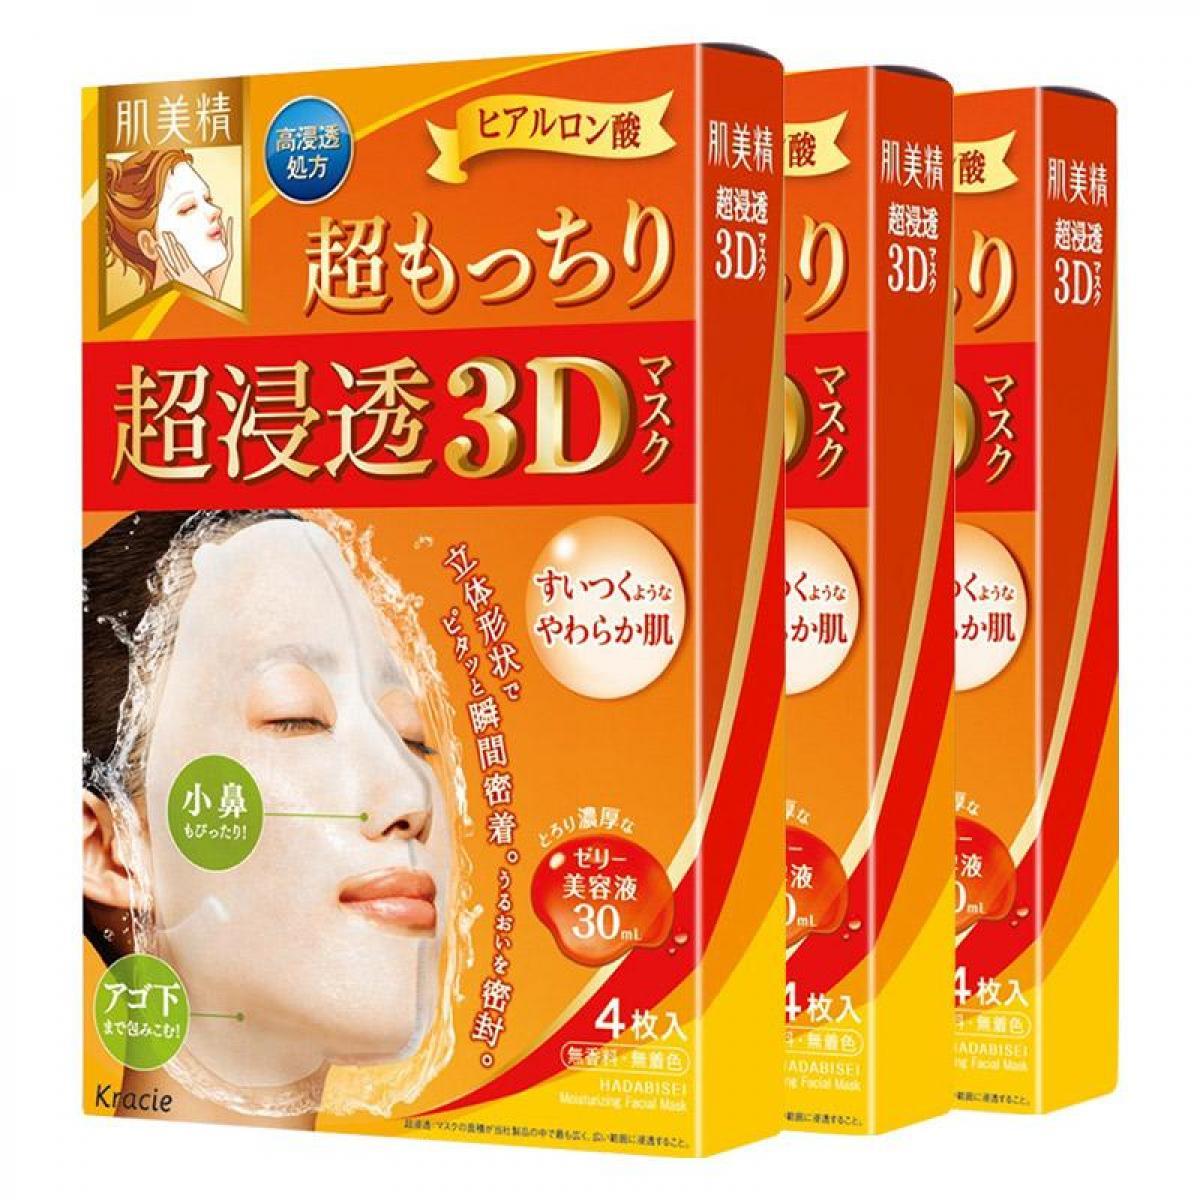 【3盒裝】肌美精超滲透3D面膜(水潤嫩滑)4片